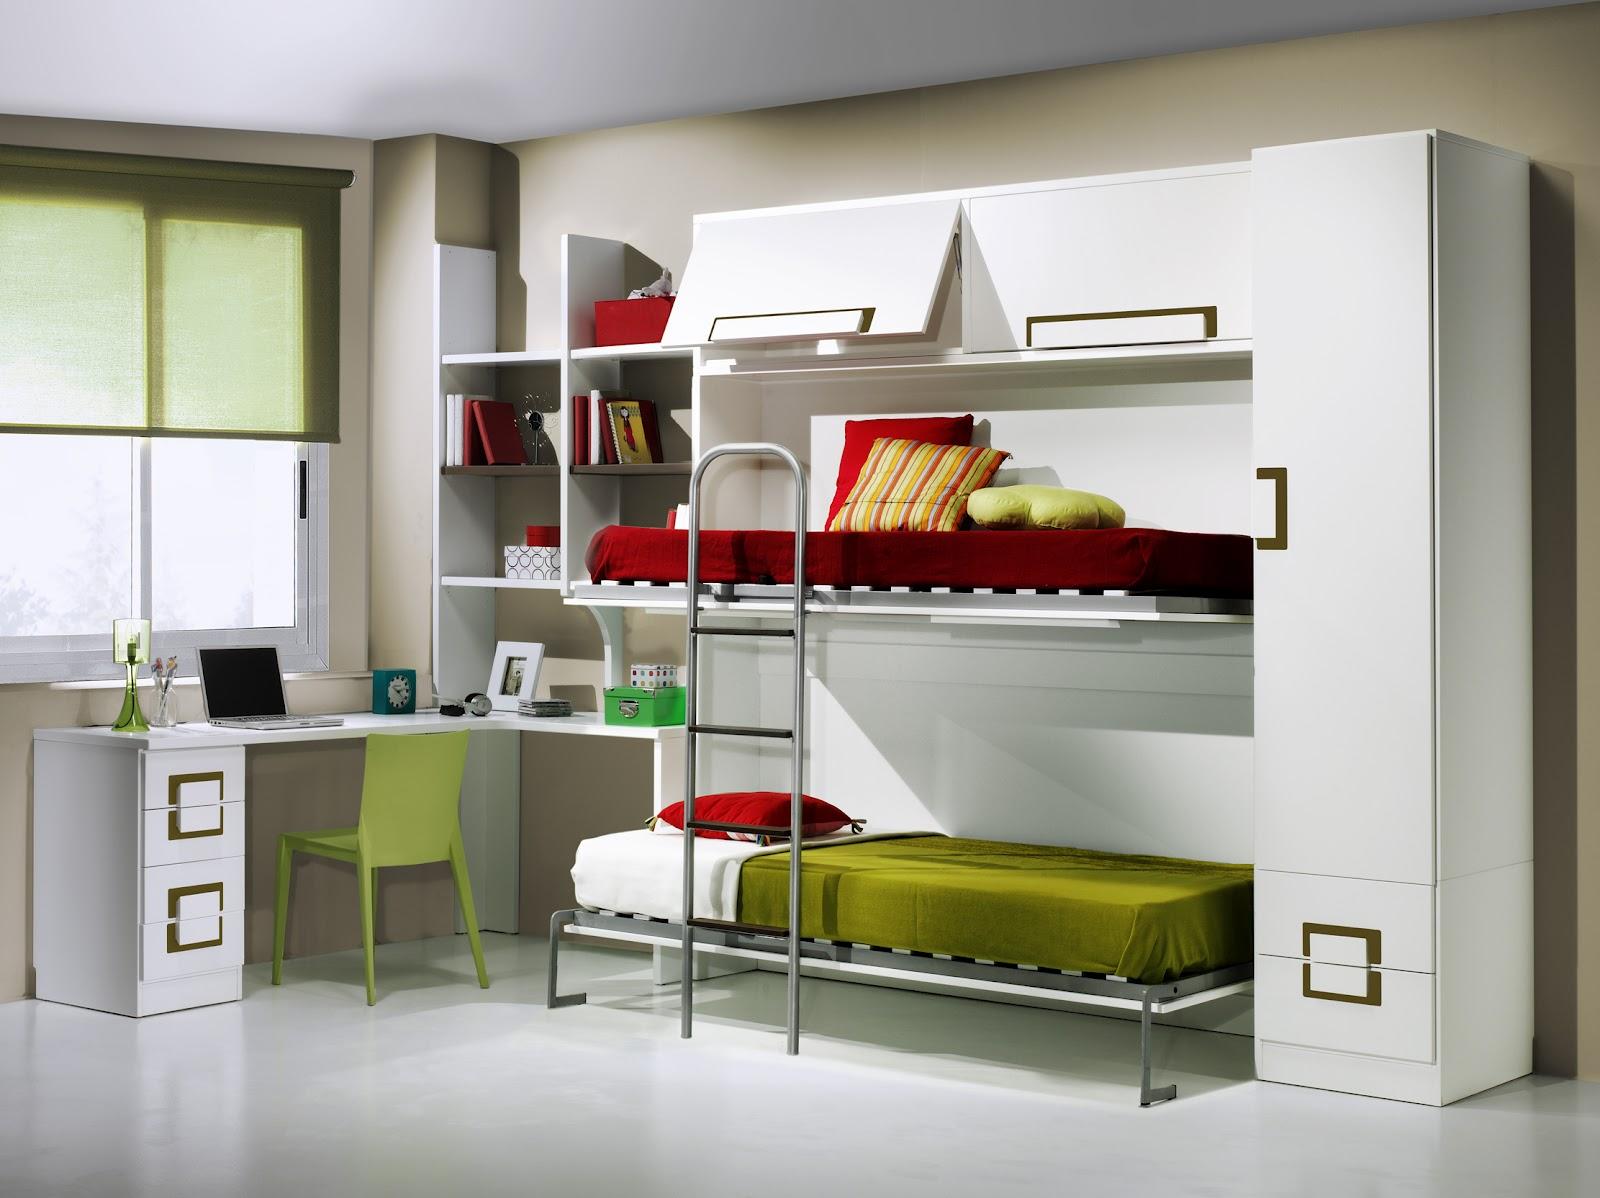 Decoracion dormitorios juveniles peque os habitaciones - Decoracion dormitorios pequenos ...